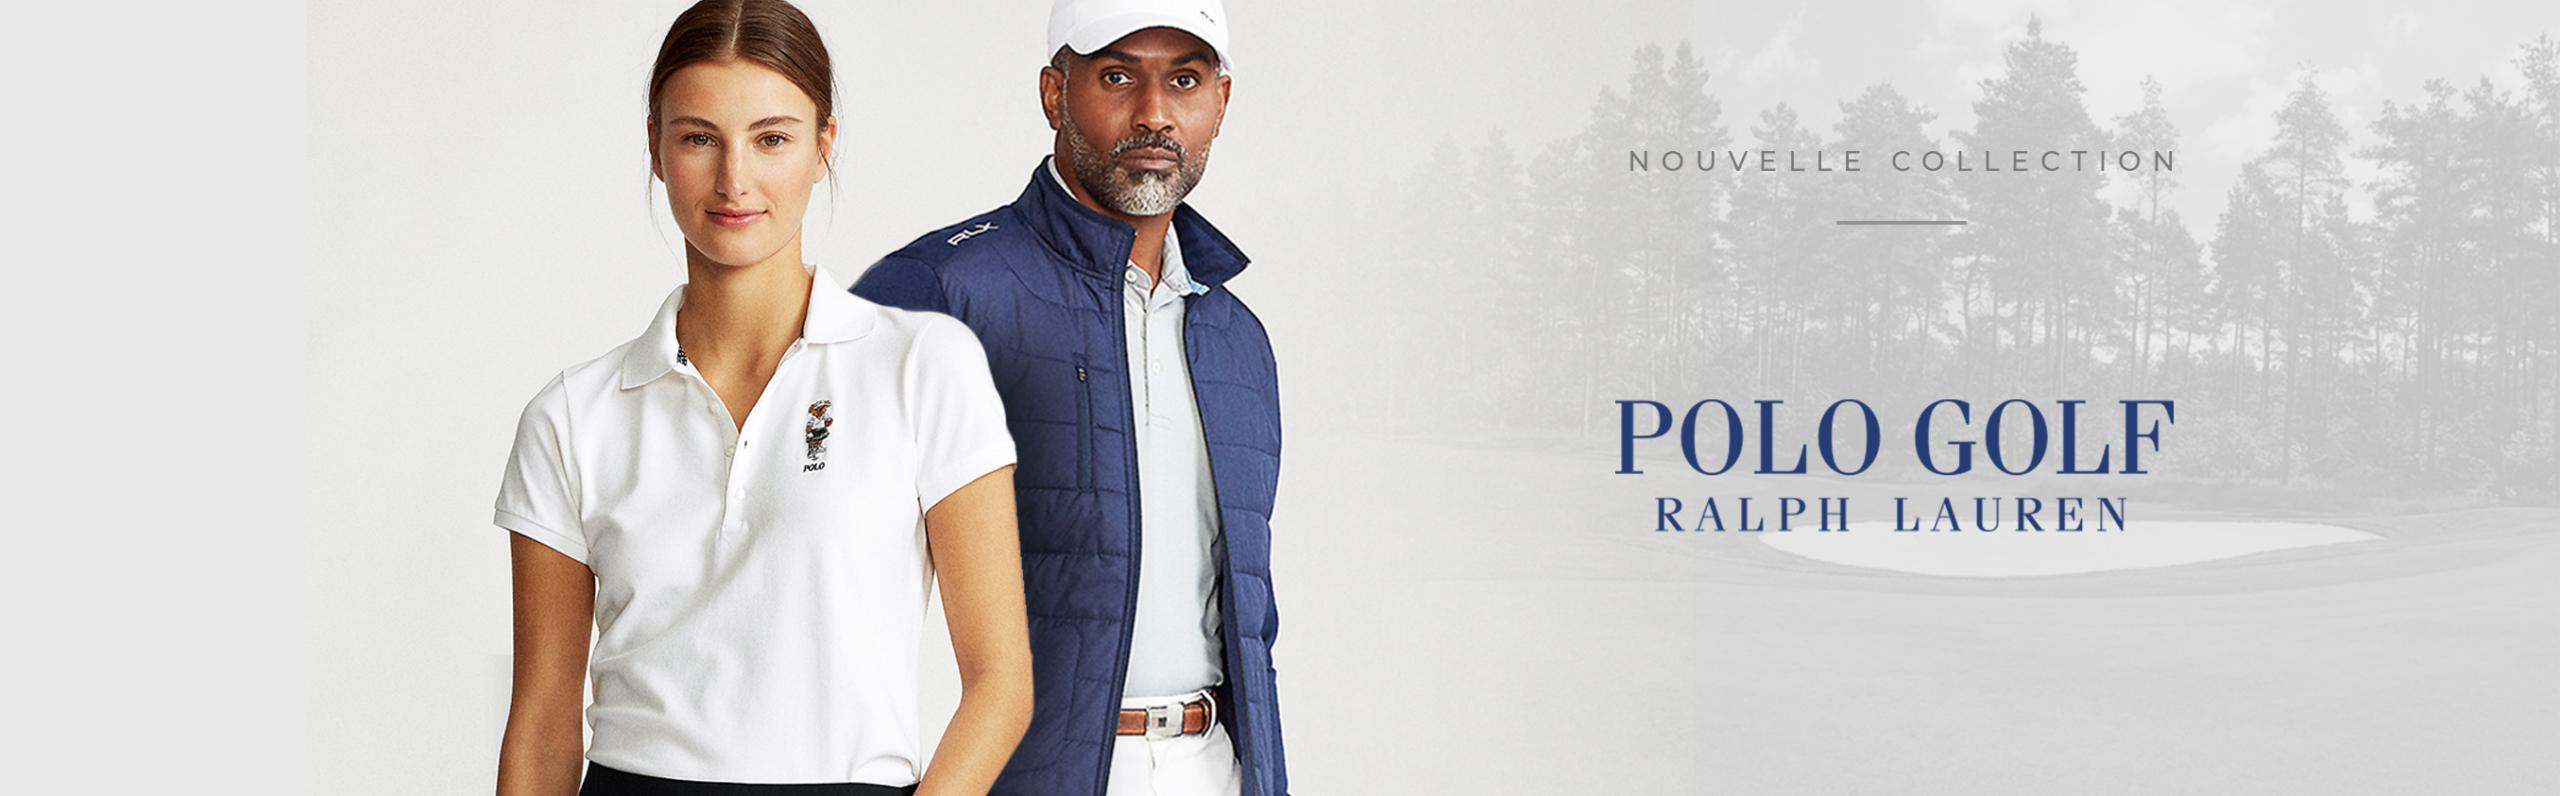 Tenue de Golf Ralph Lauren